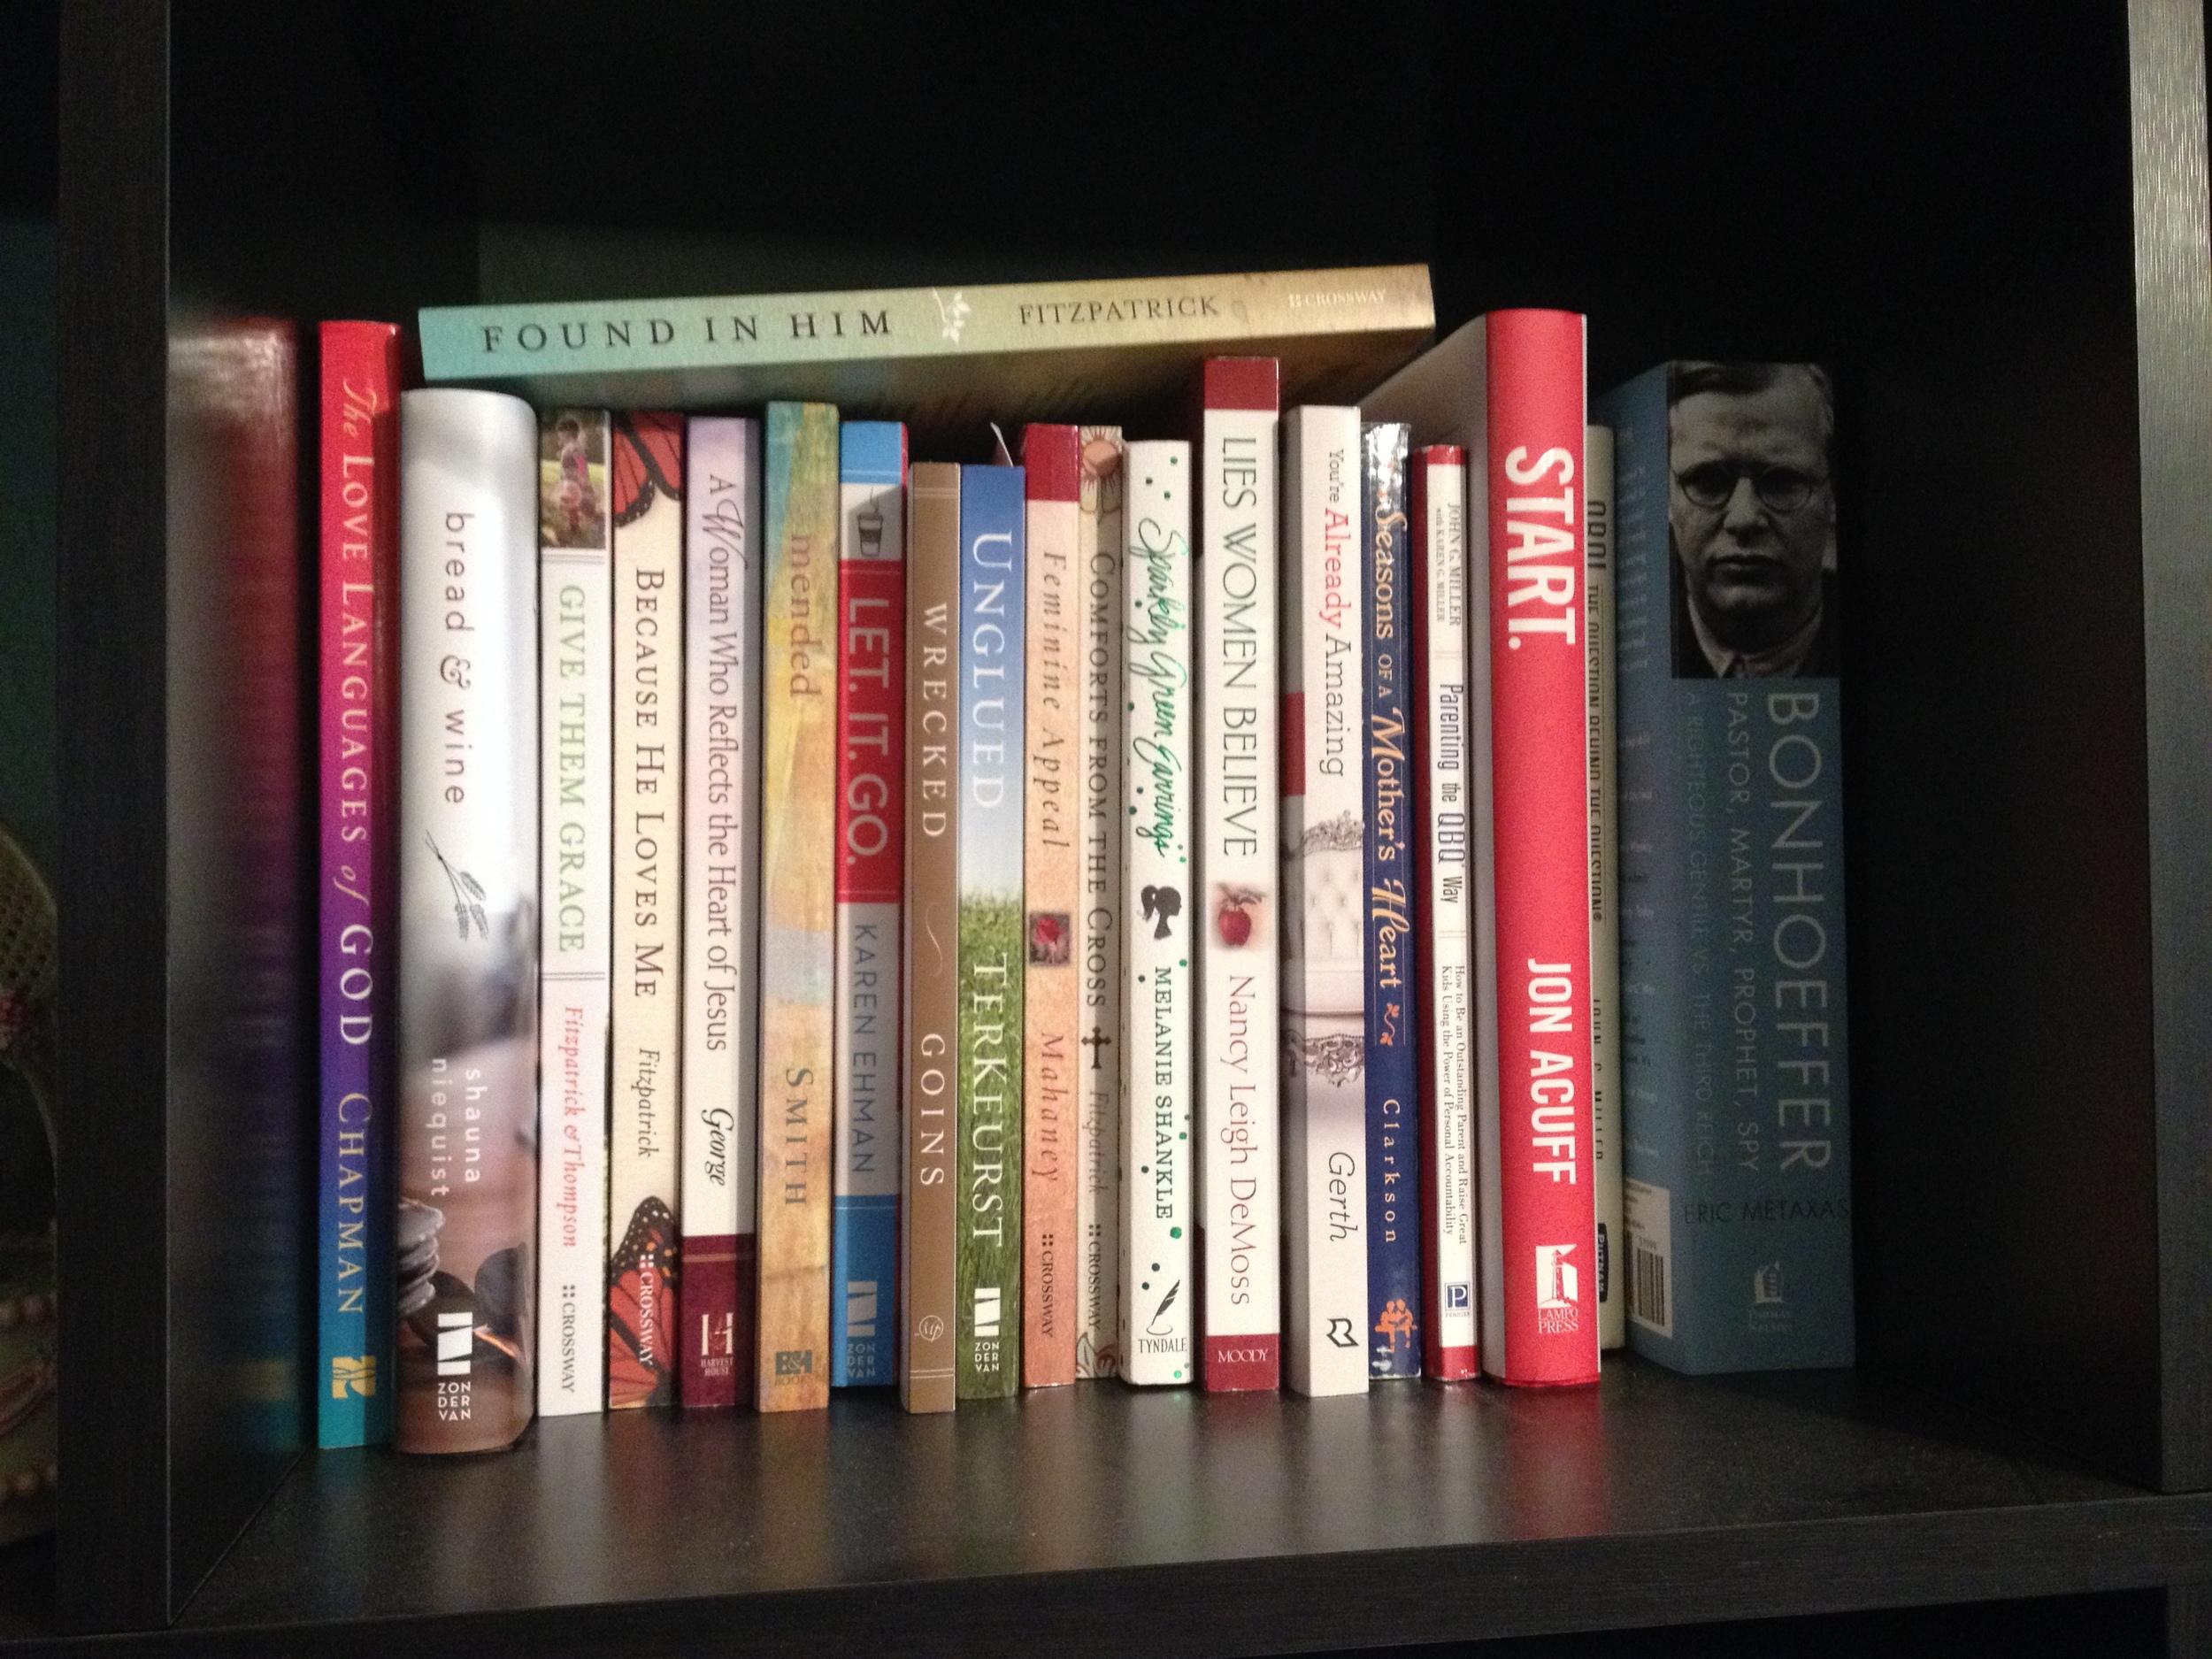 one more full bookshelf